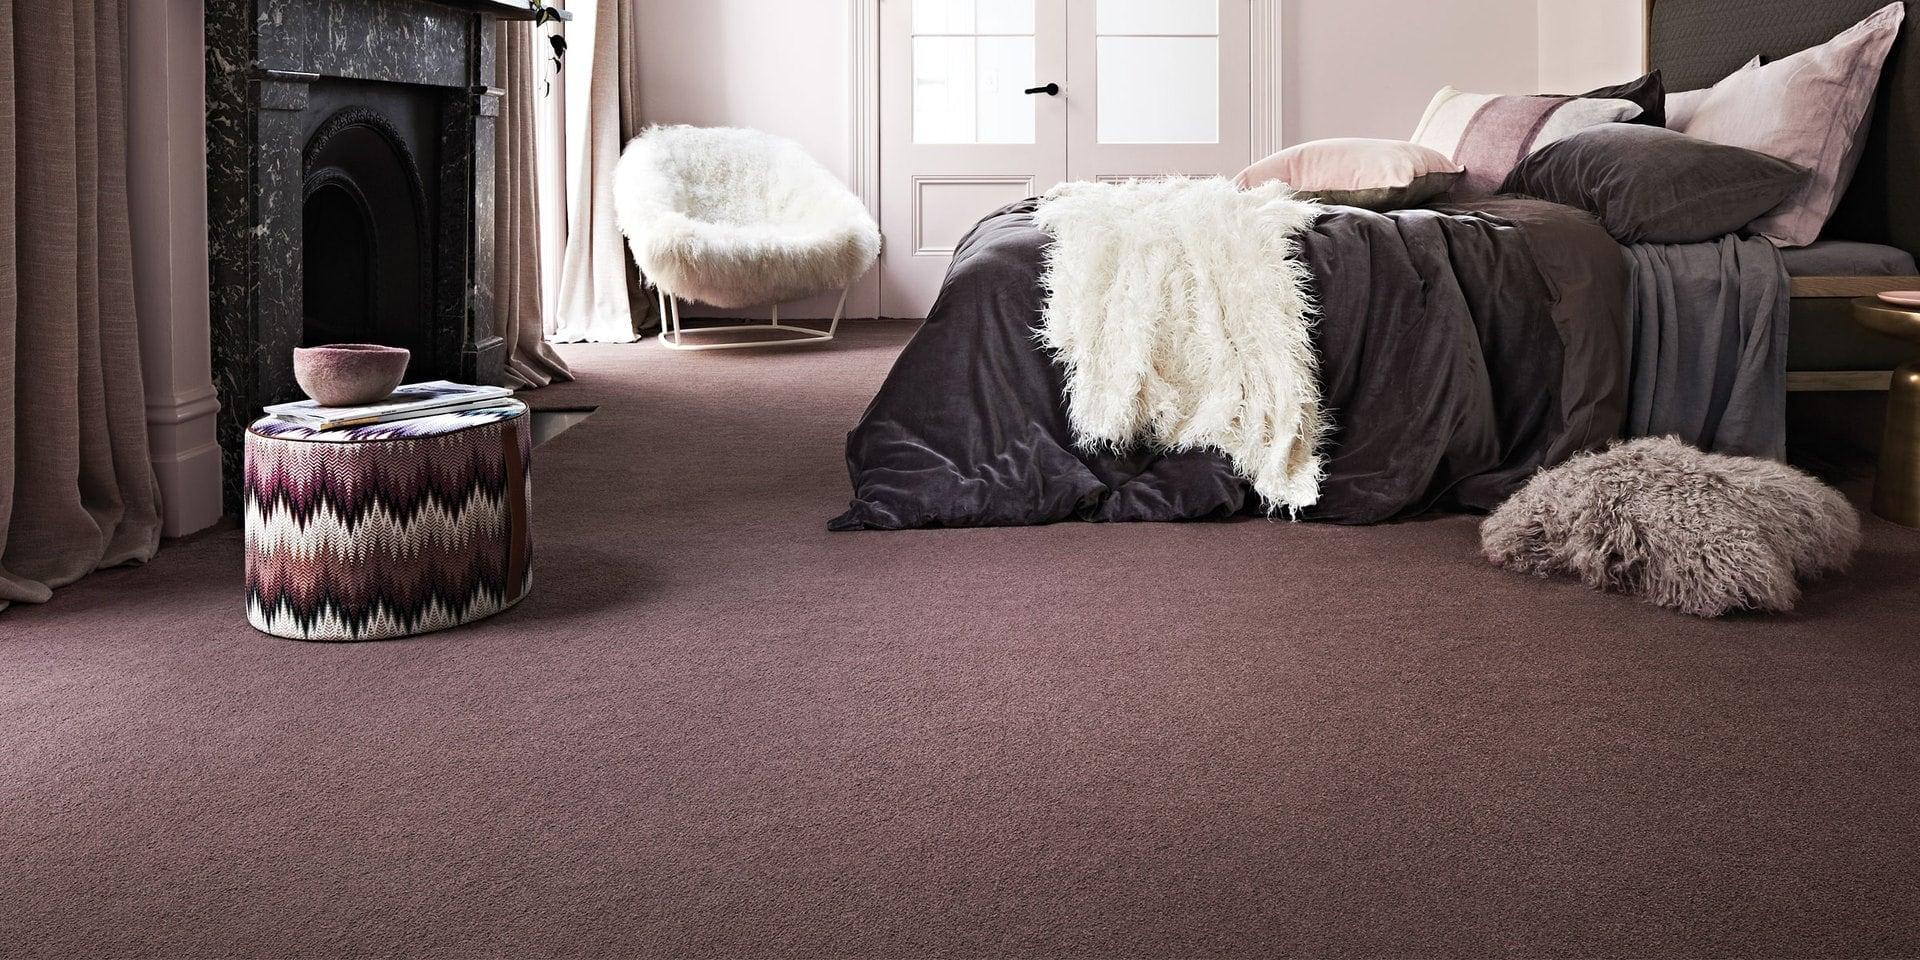 floorworld best type of carpet for pets nylon living roomc arpet